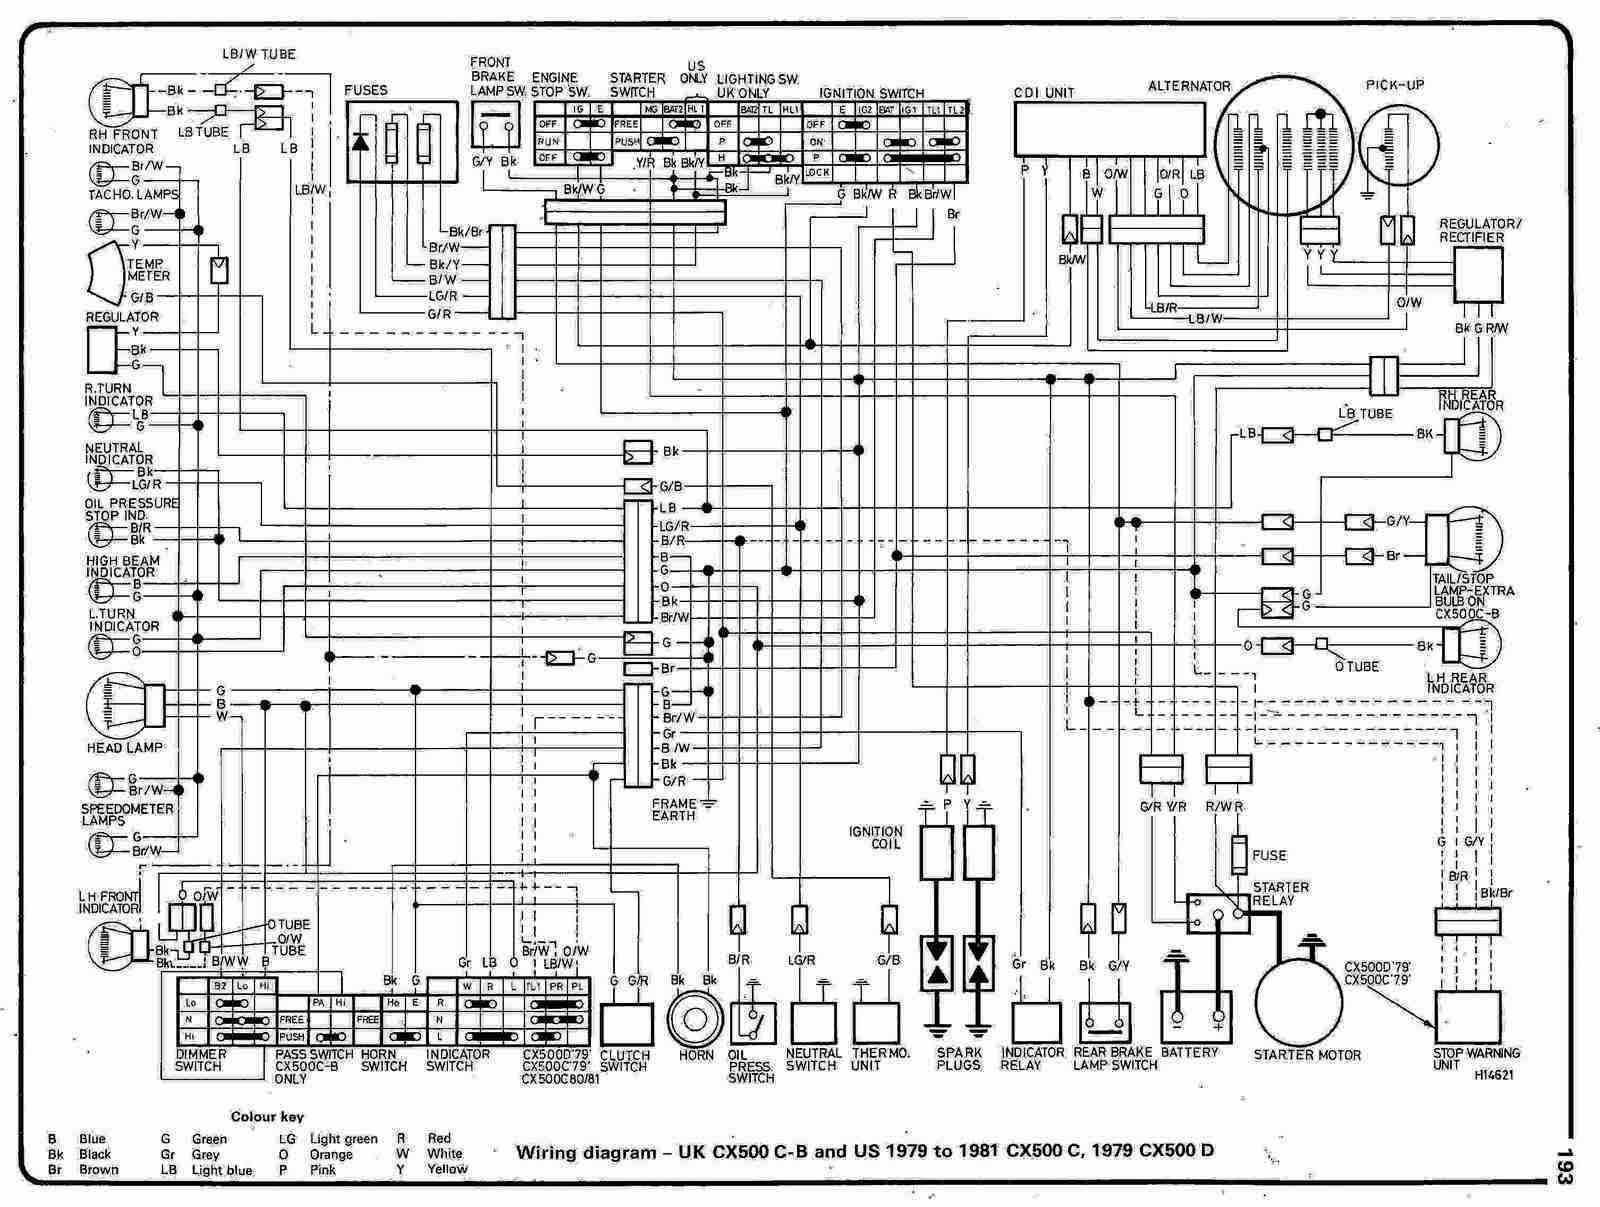 Honda Gx630 Wiring Diagram Get Free Image About Wiring Diagram ...